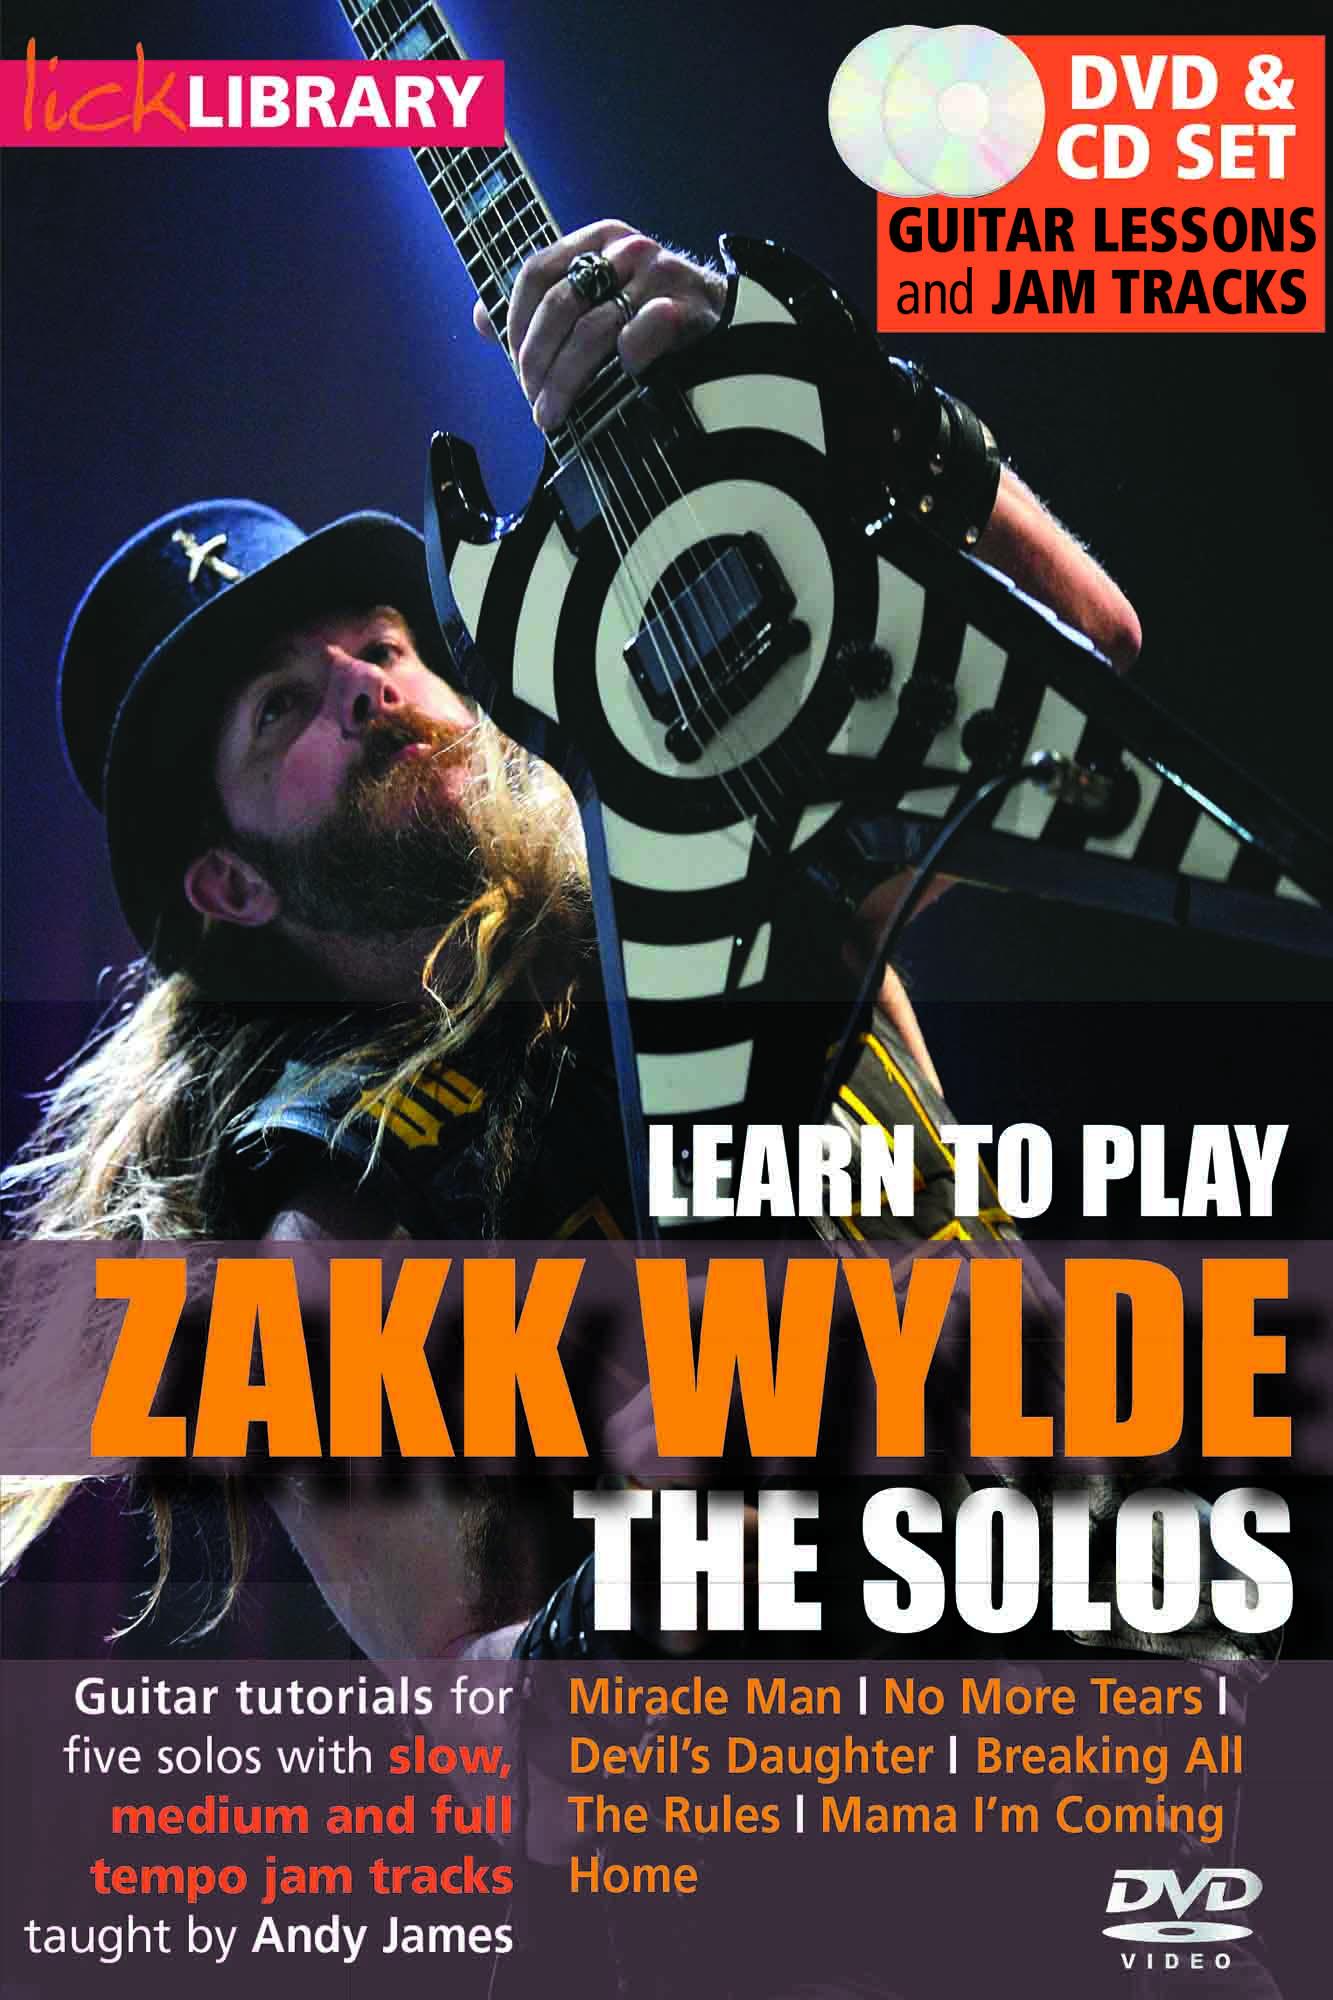 Learn To Play Zakk Wylde - The Solos